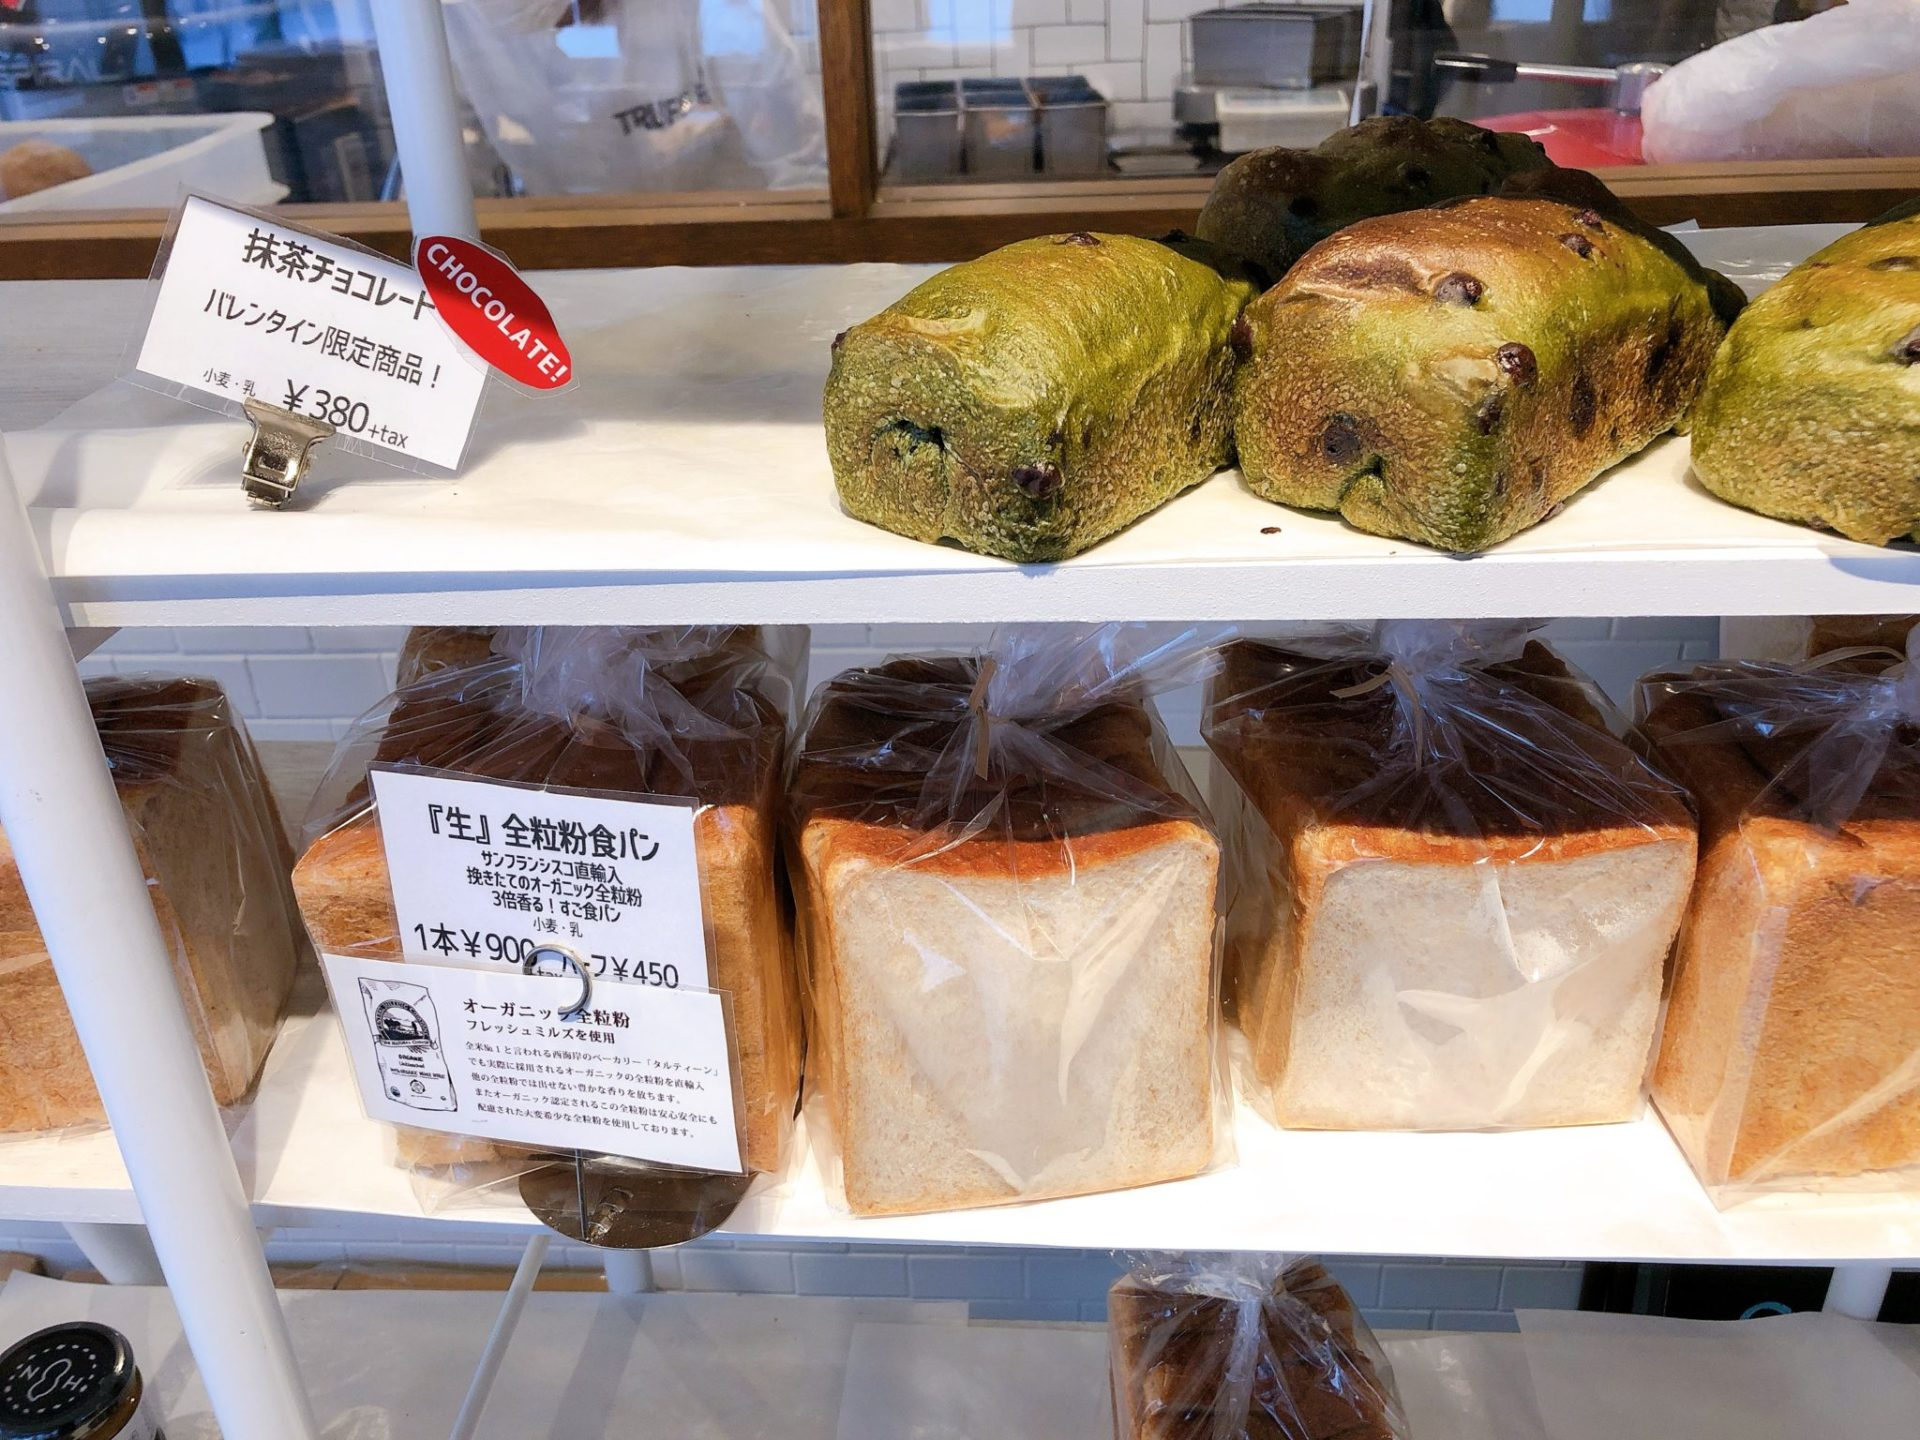 トリュフベーカリー三軒茶屋店の食パン